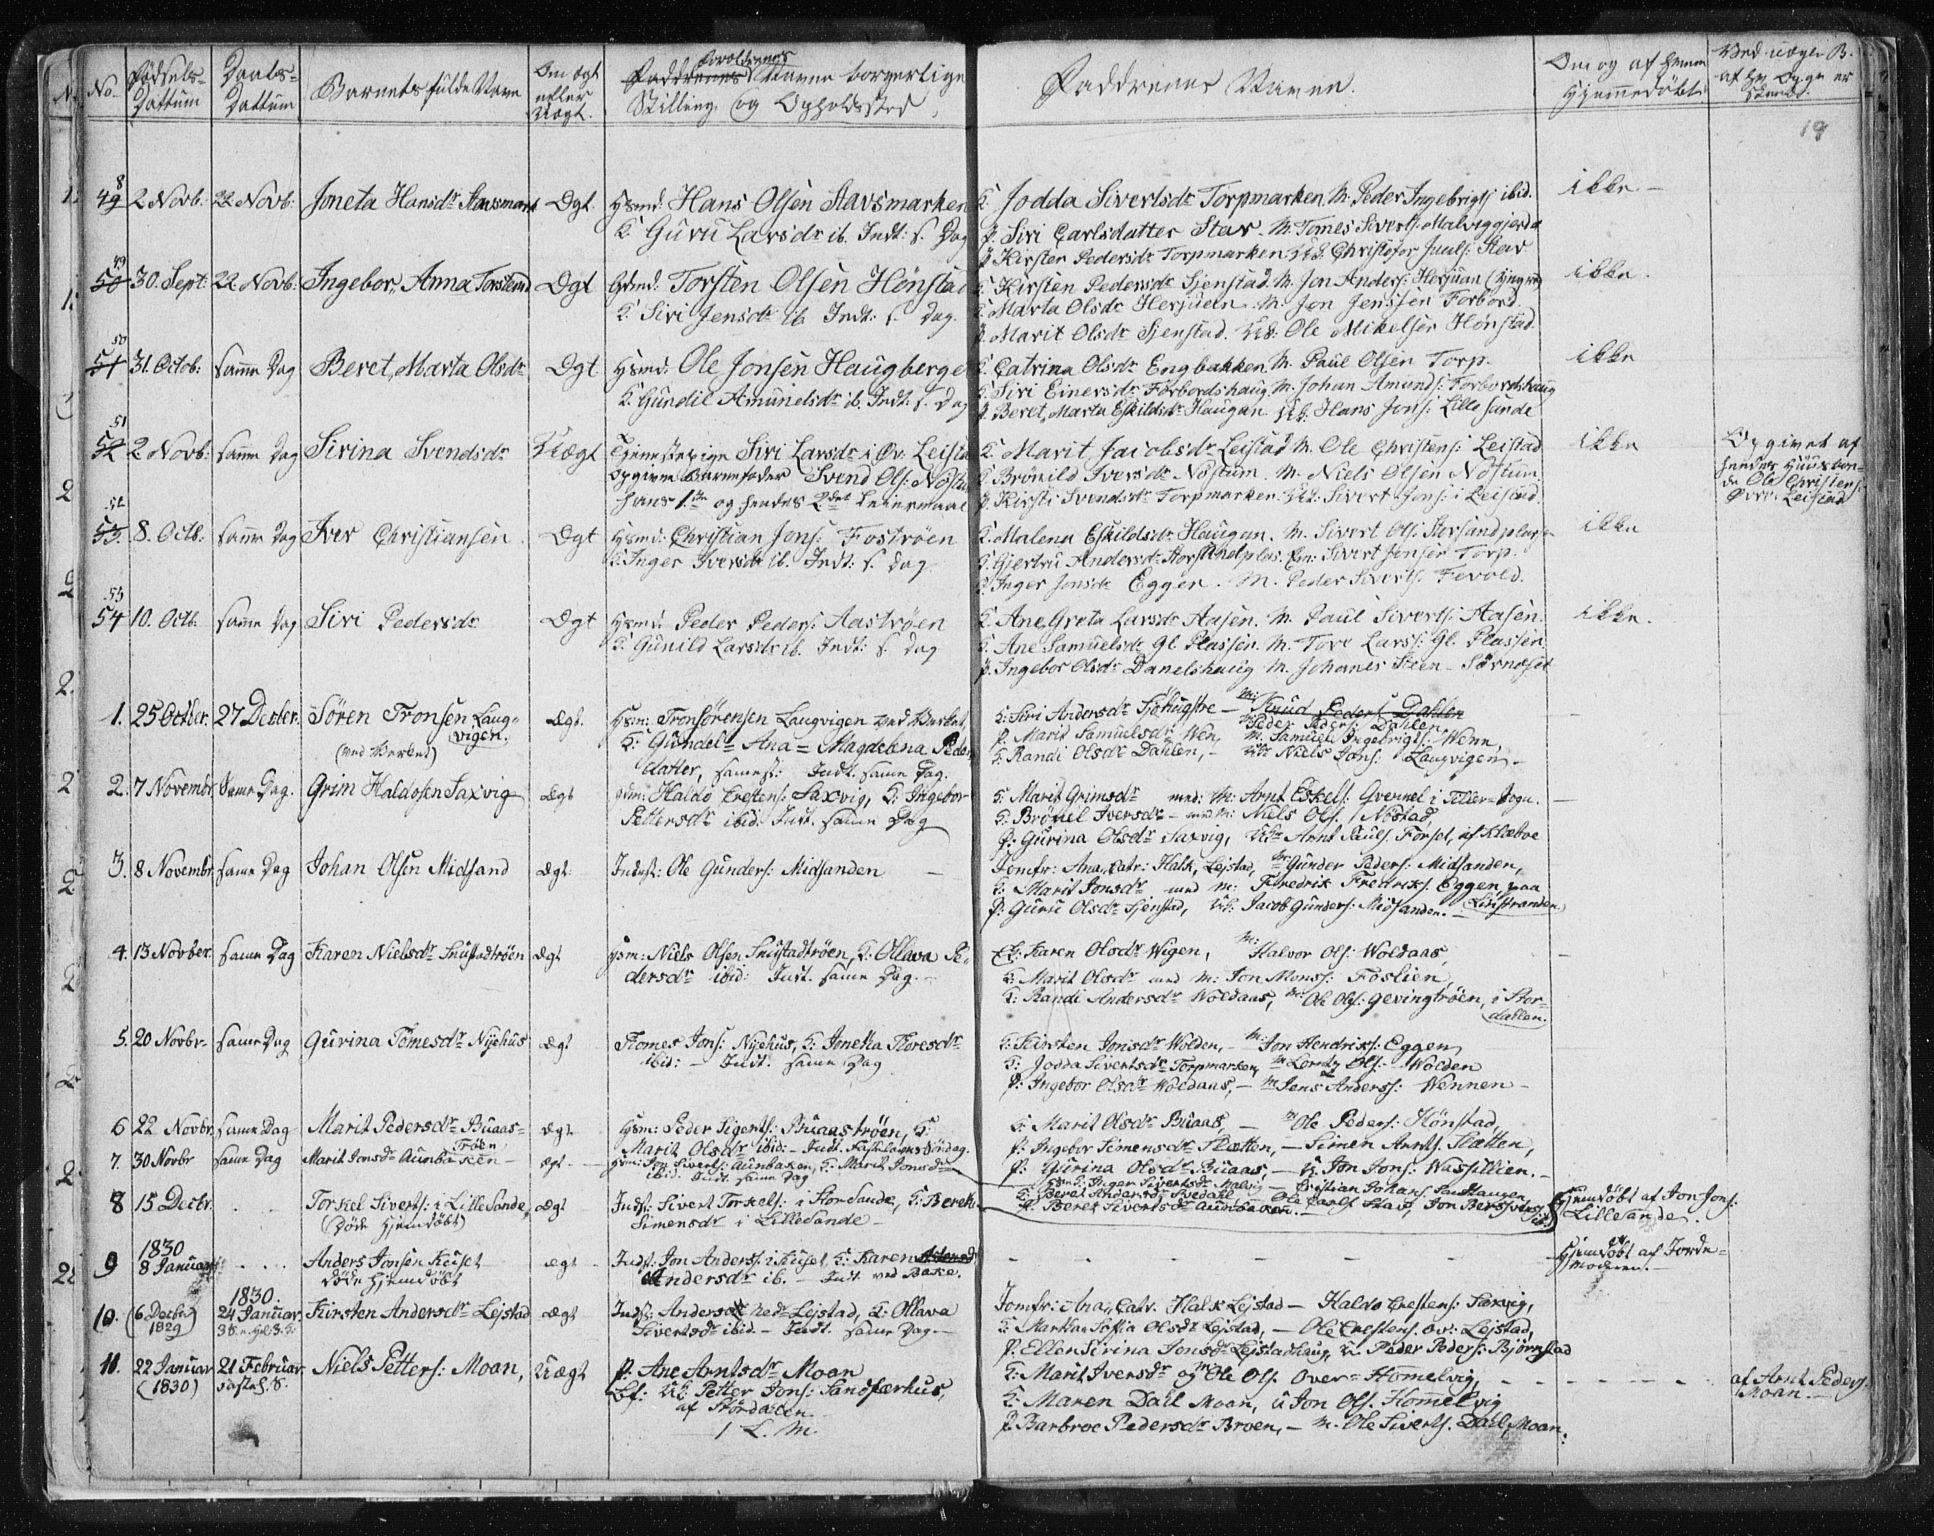 SAT, Ministerialprotokoller, klokkerbøker og fødselsregistre - Sør-Trøndelag, 616/L0404: Ministerialbok nr. 616A01, 1823-1831, s. 19